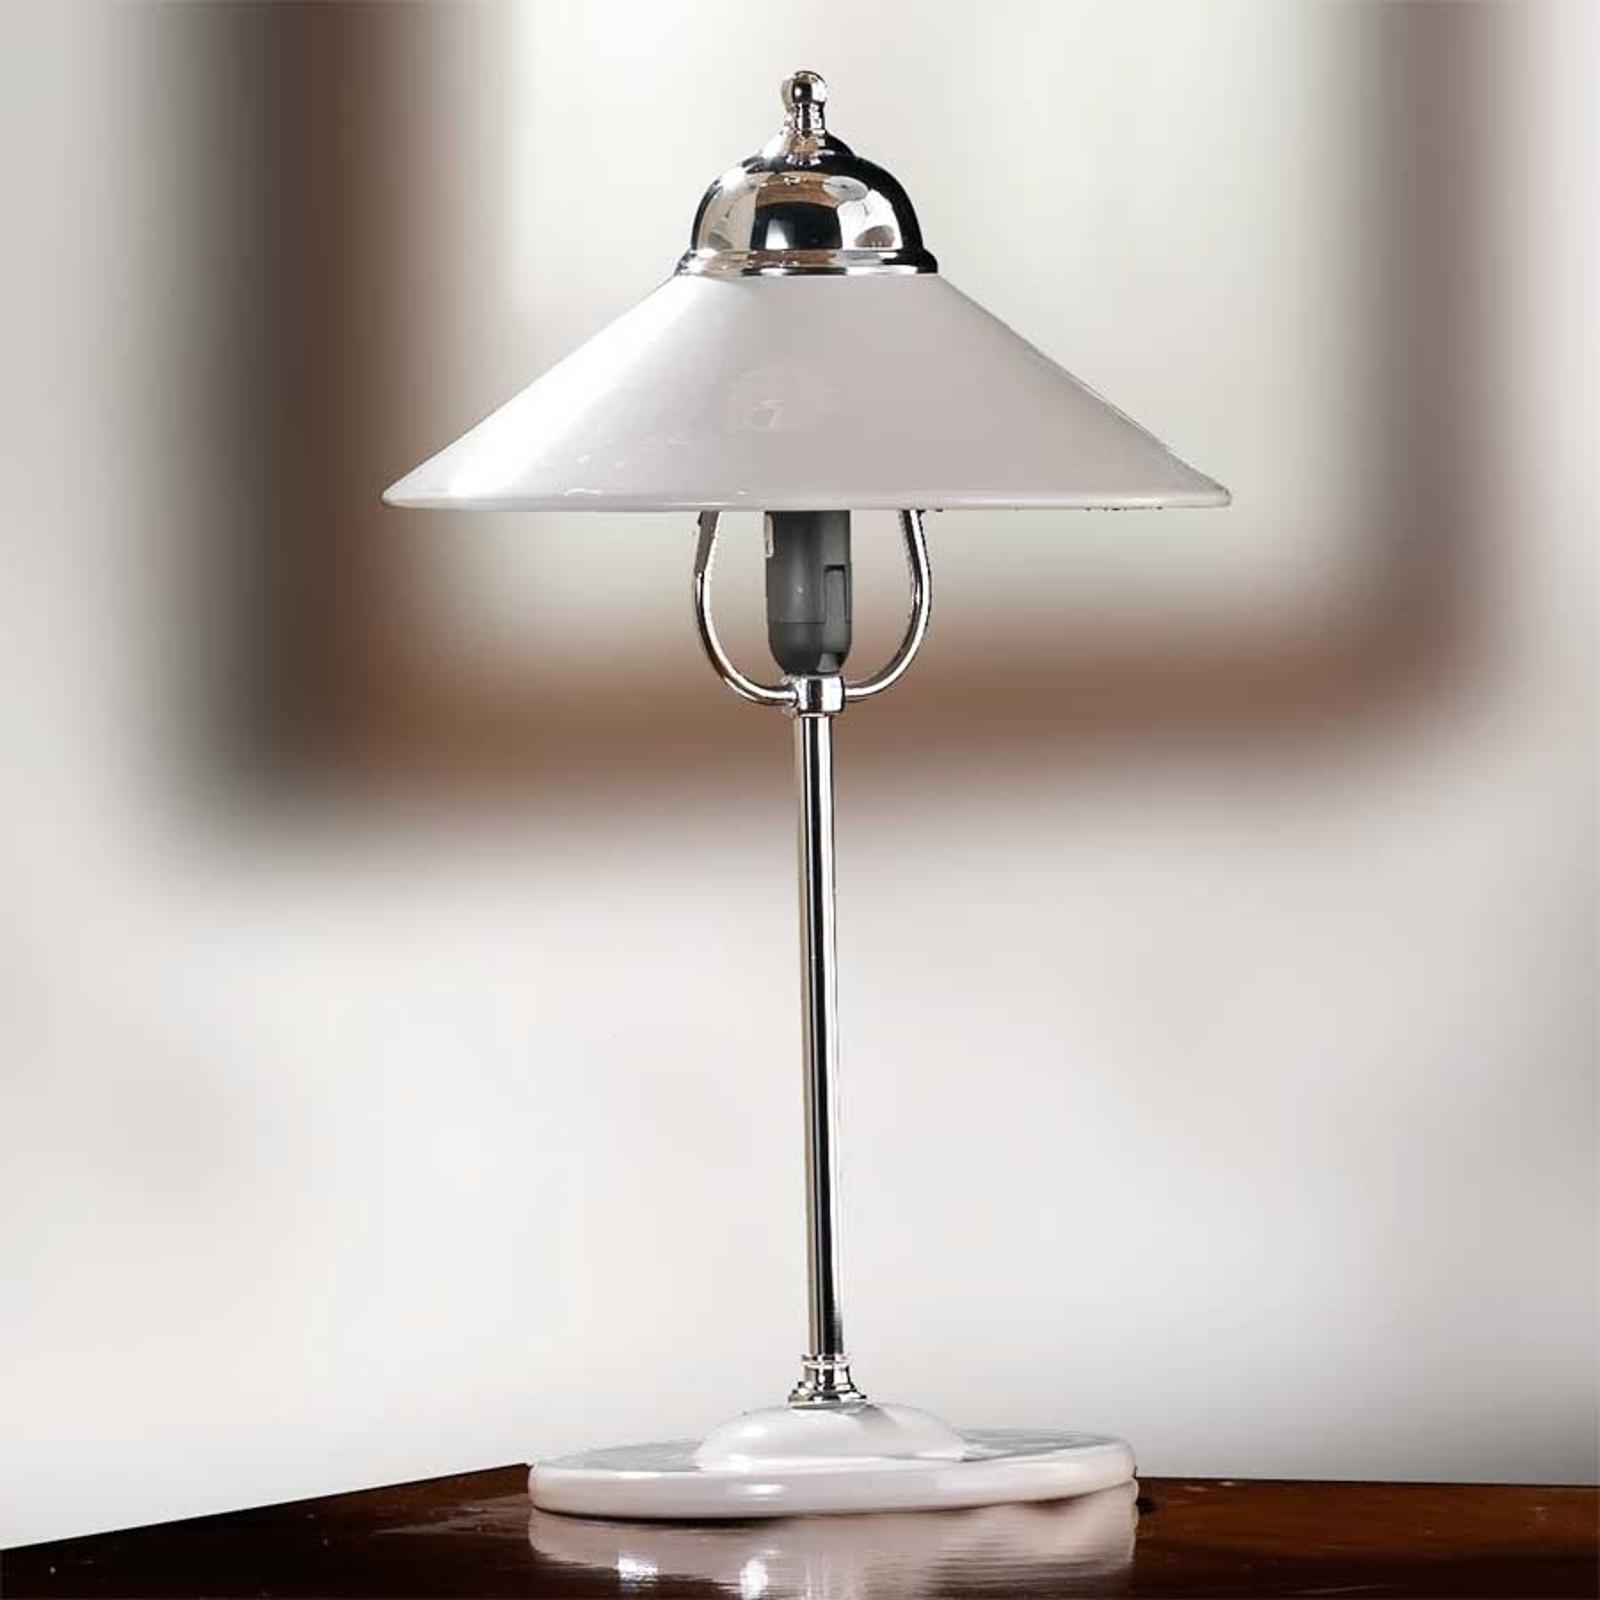 Lampa stołowa GIACOMO z ceramicznym kloszem